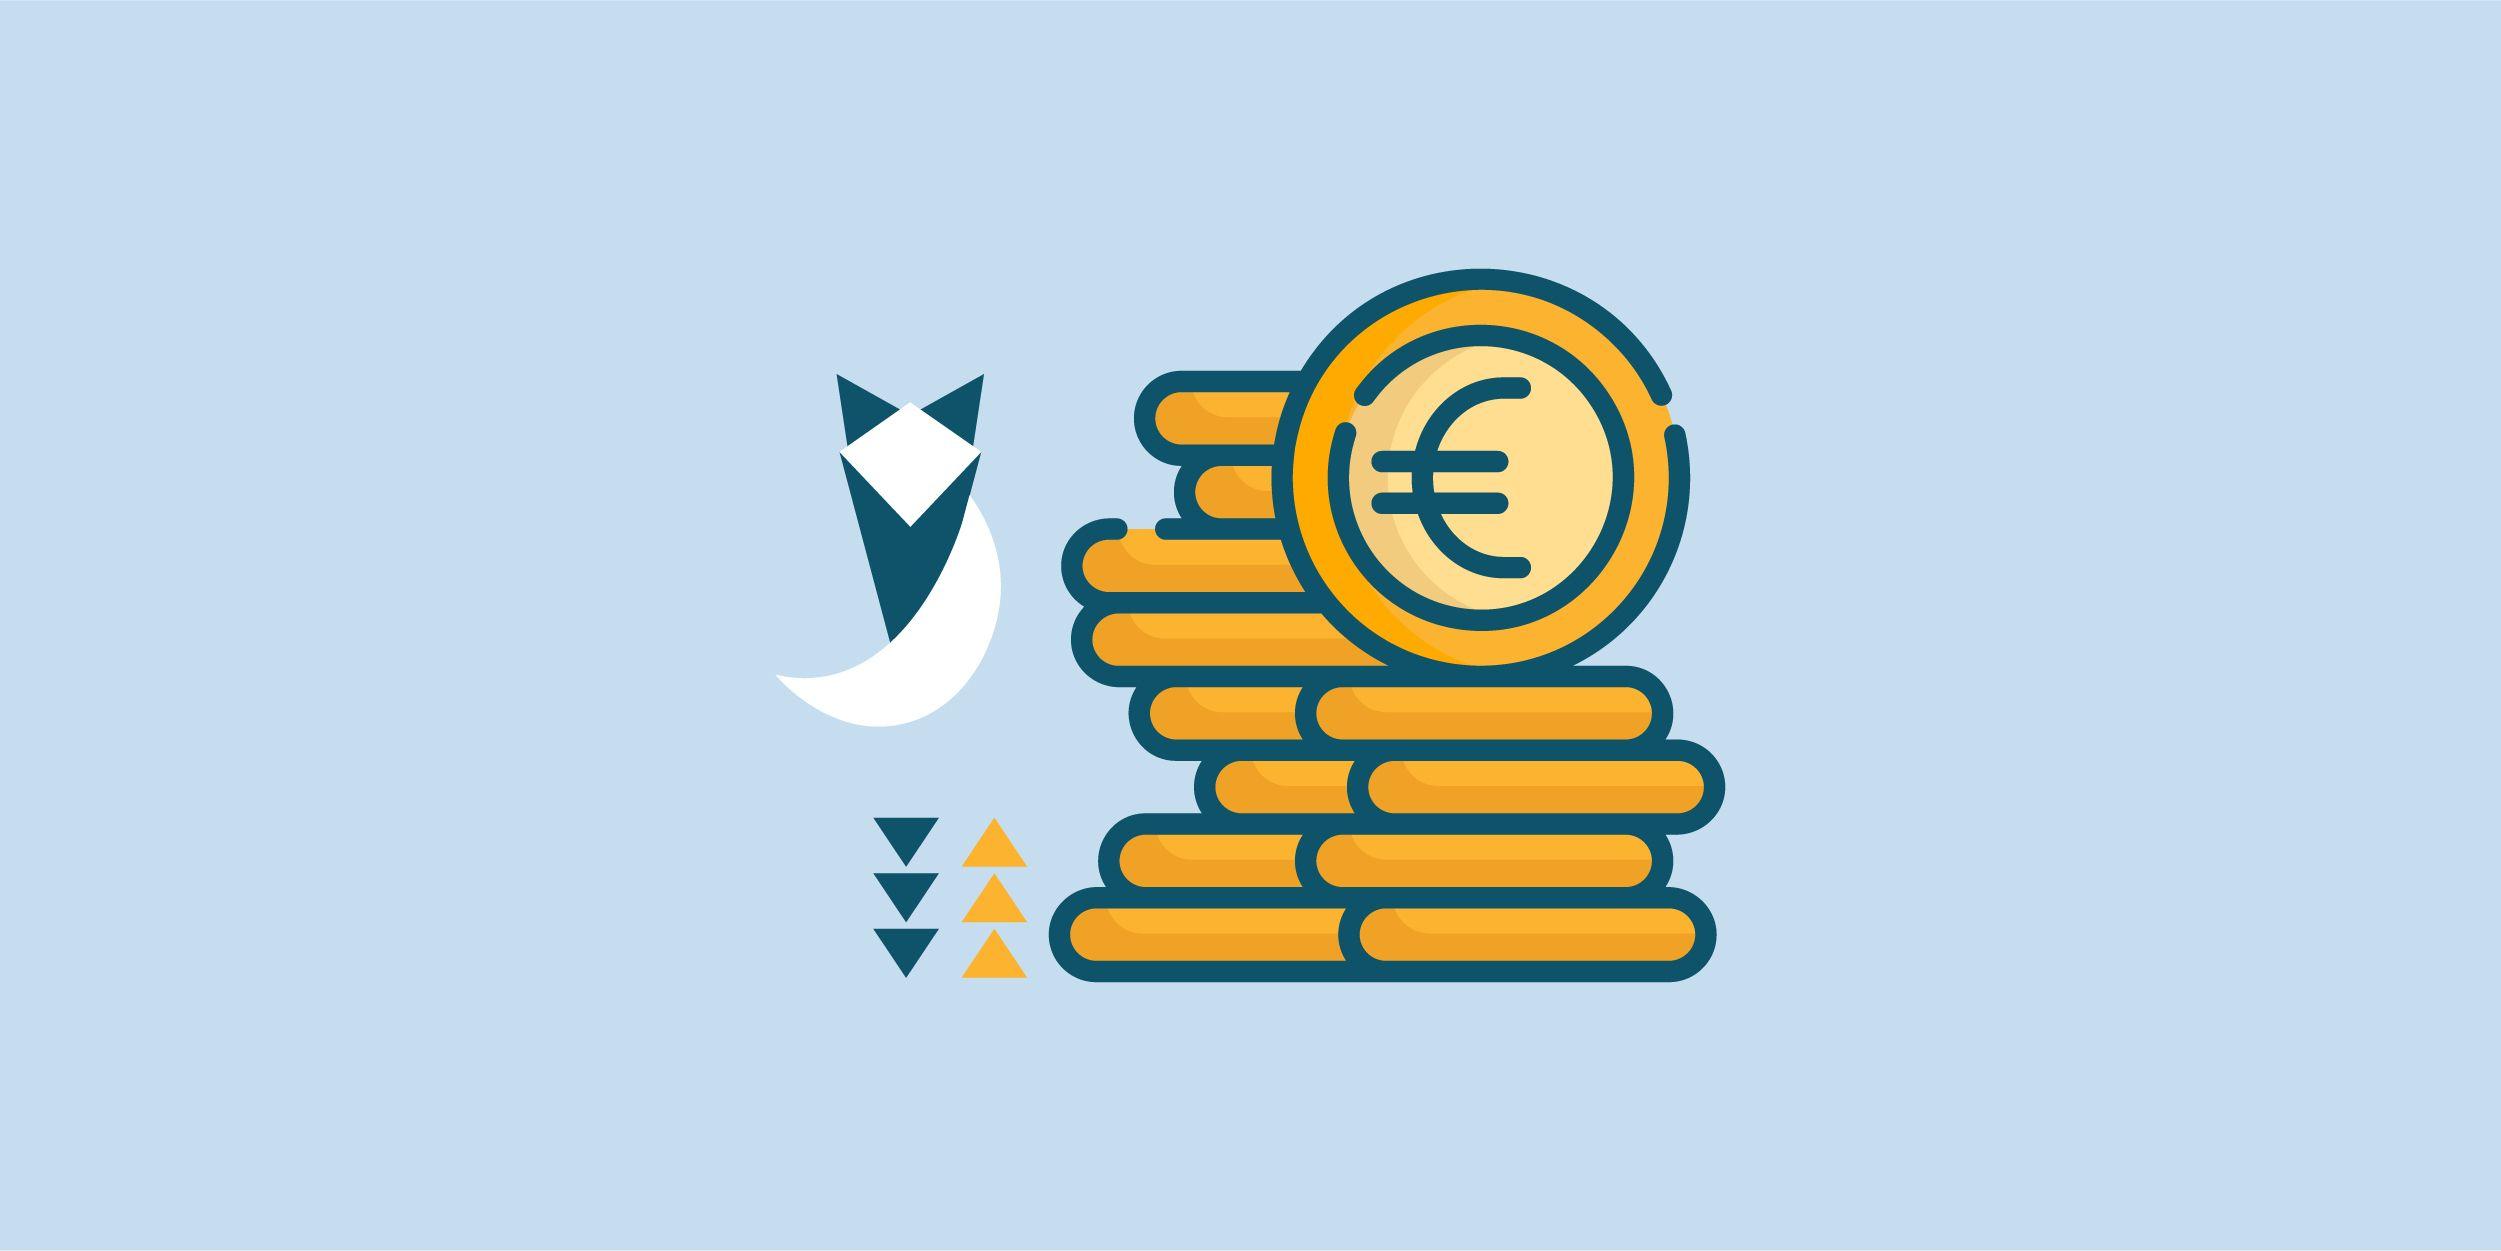 أسعار اليورو في البنوك المصرية اليوم 29 يوليو 2021